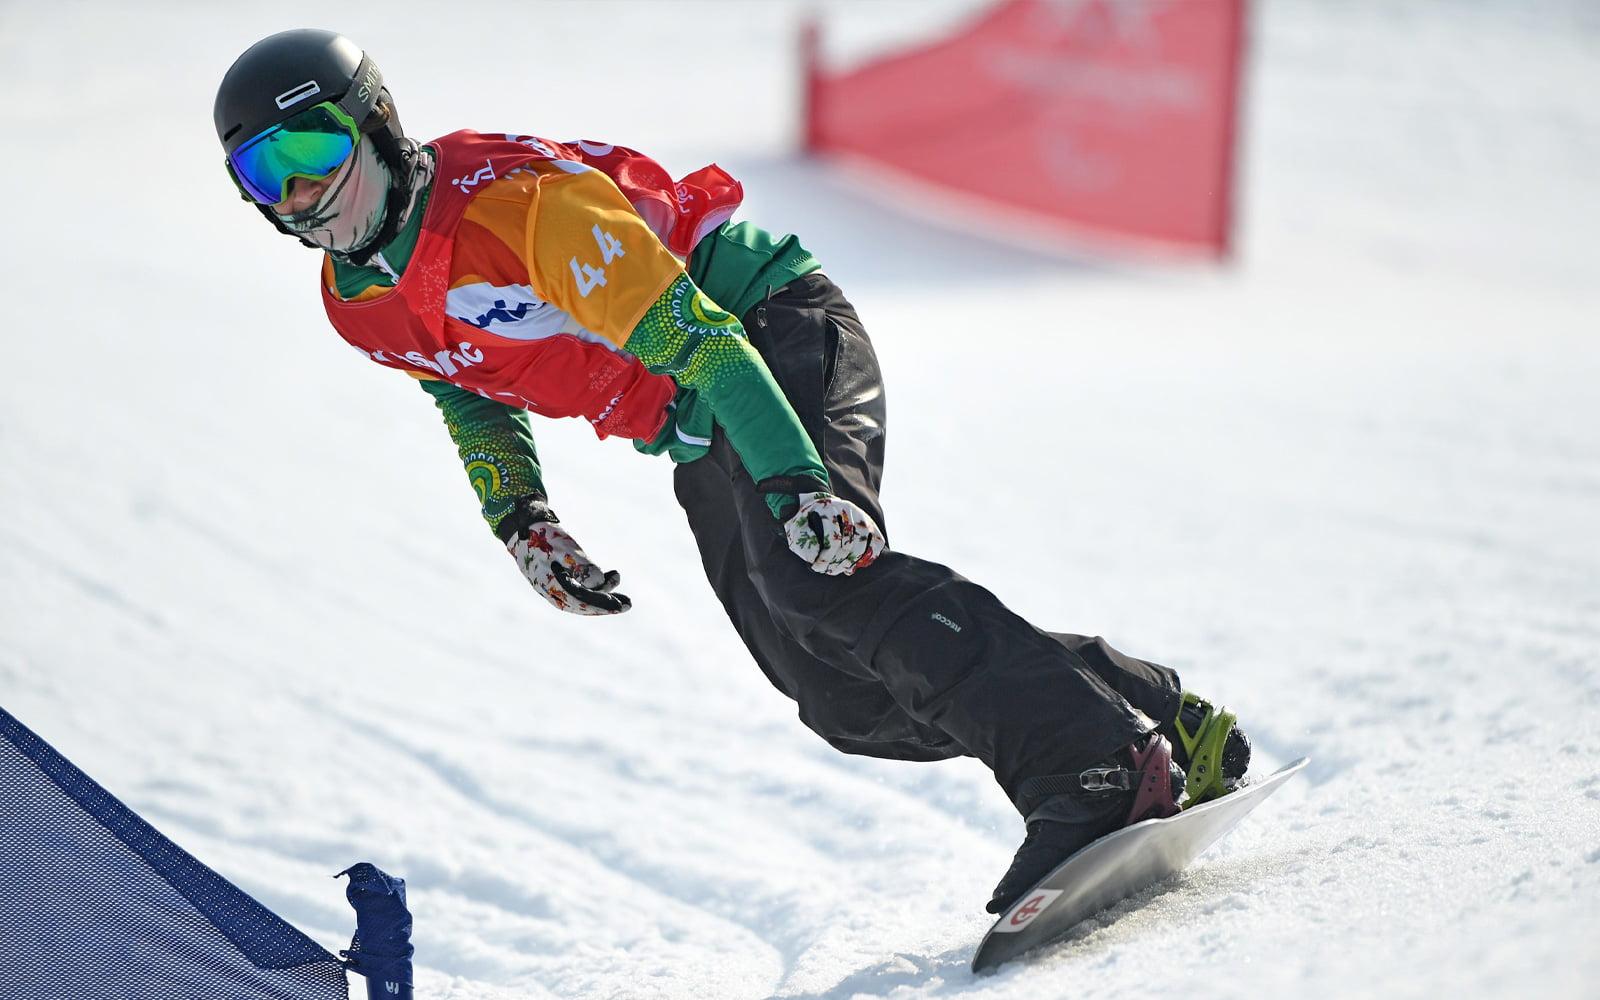 Finnish Expedition Next Up For Aussie Snowboarder